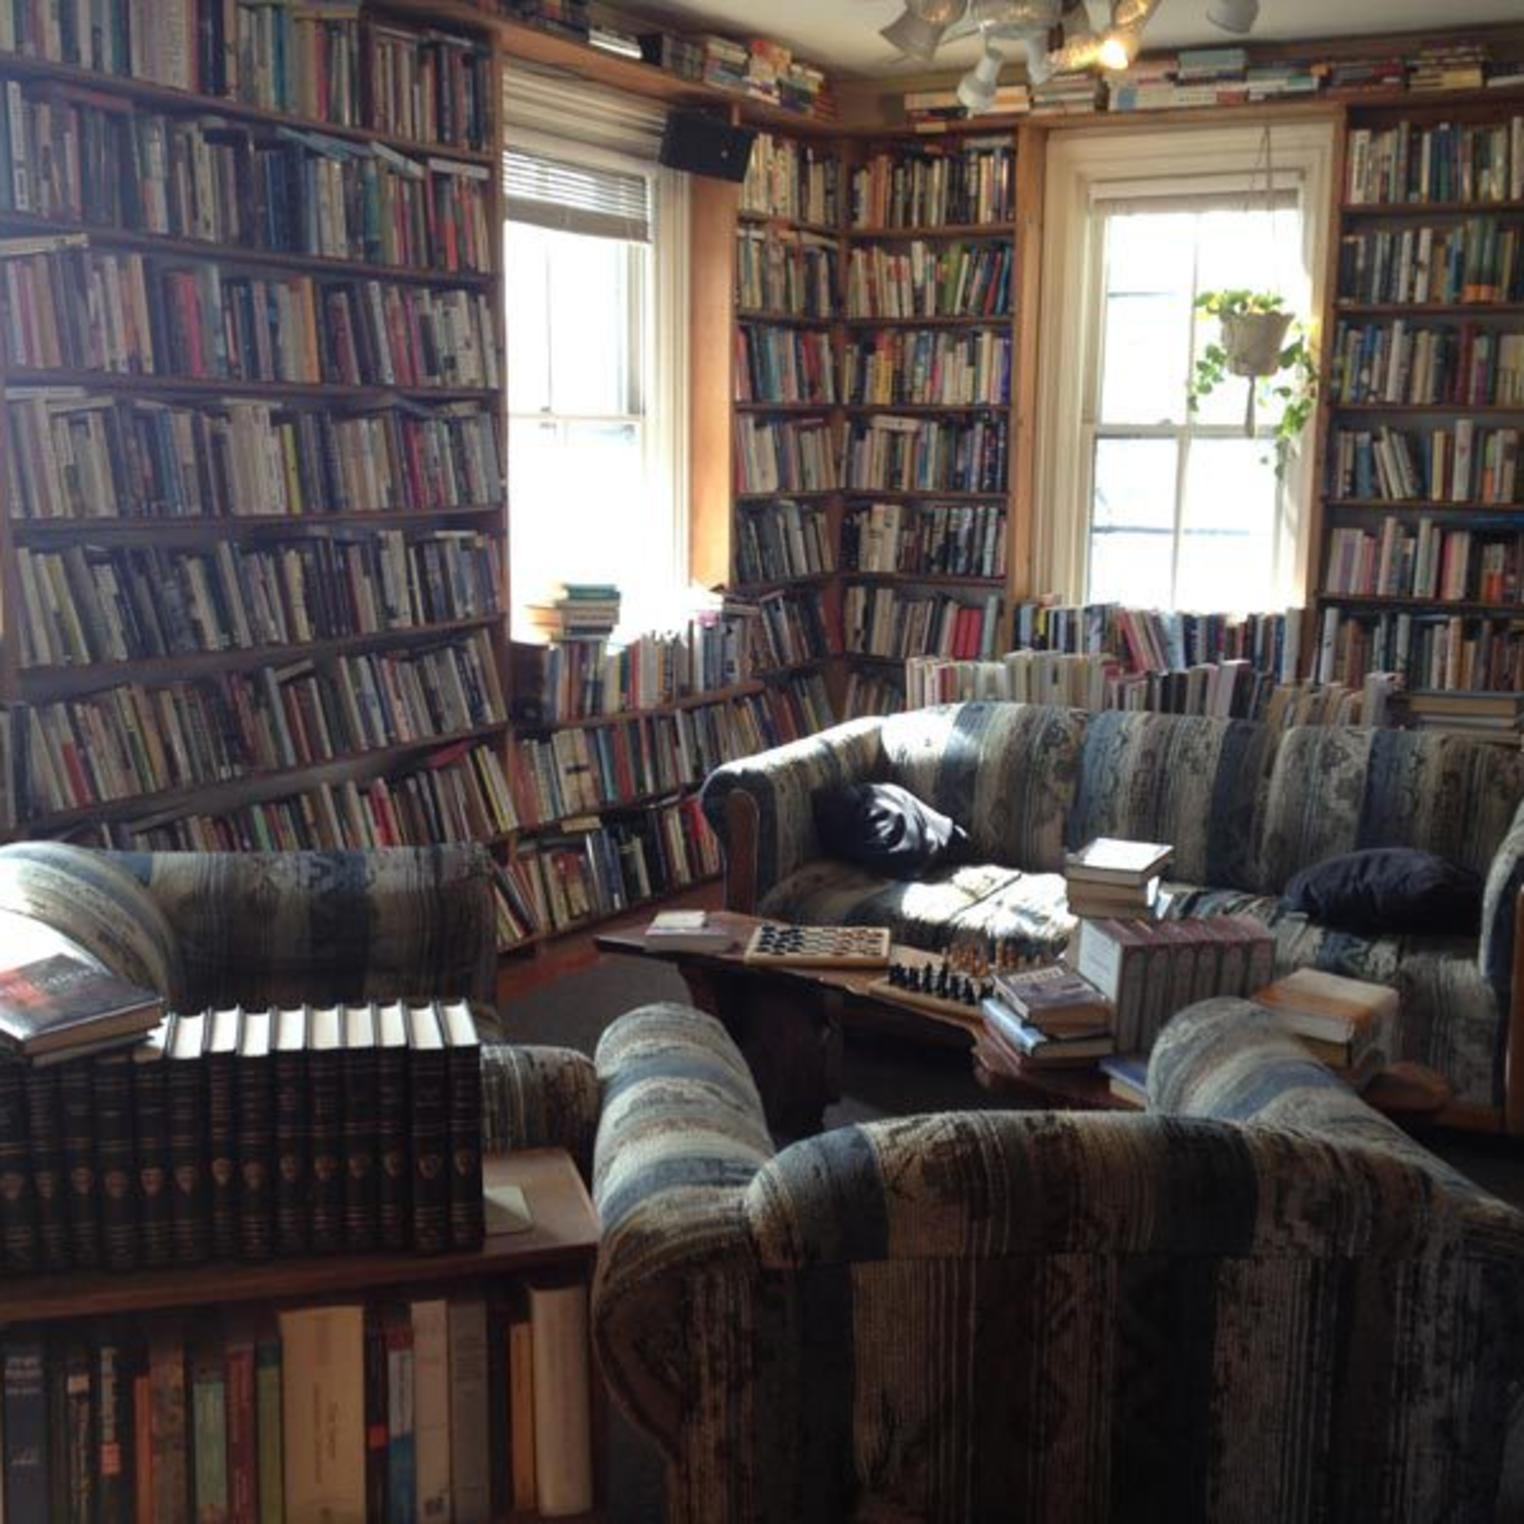 Pomfret Street Books